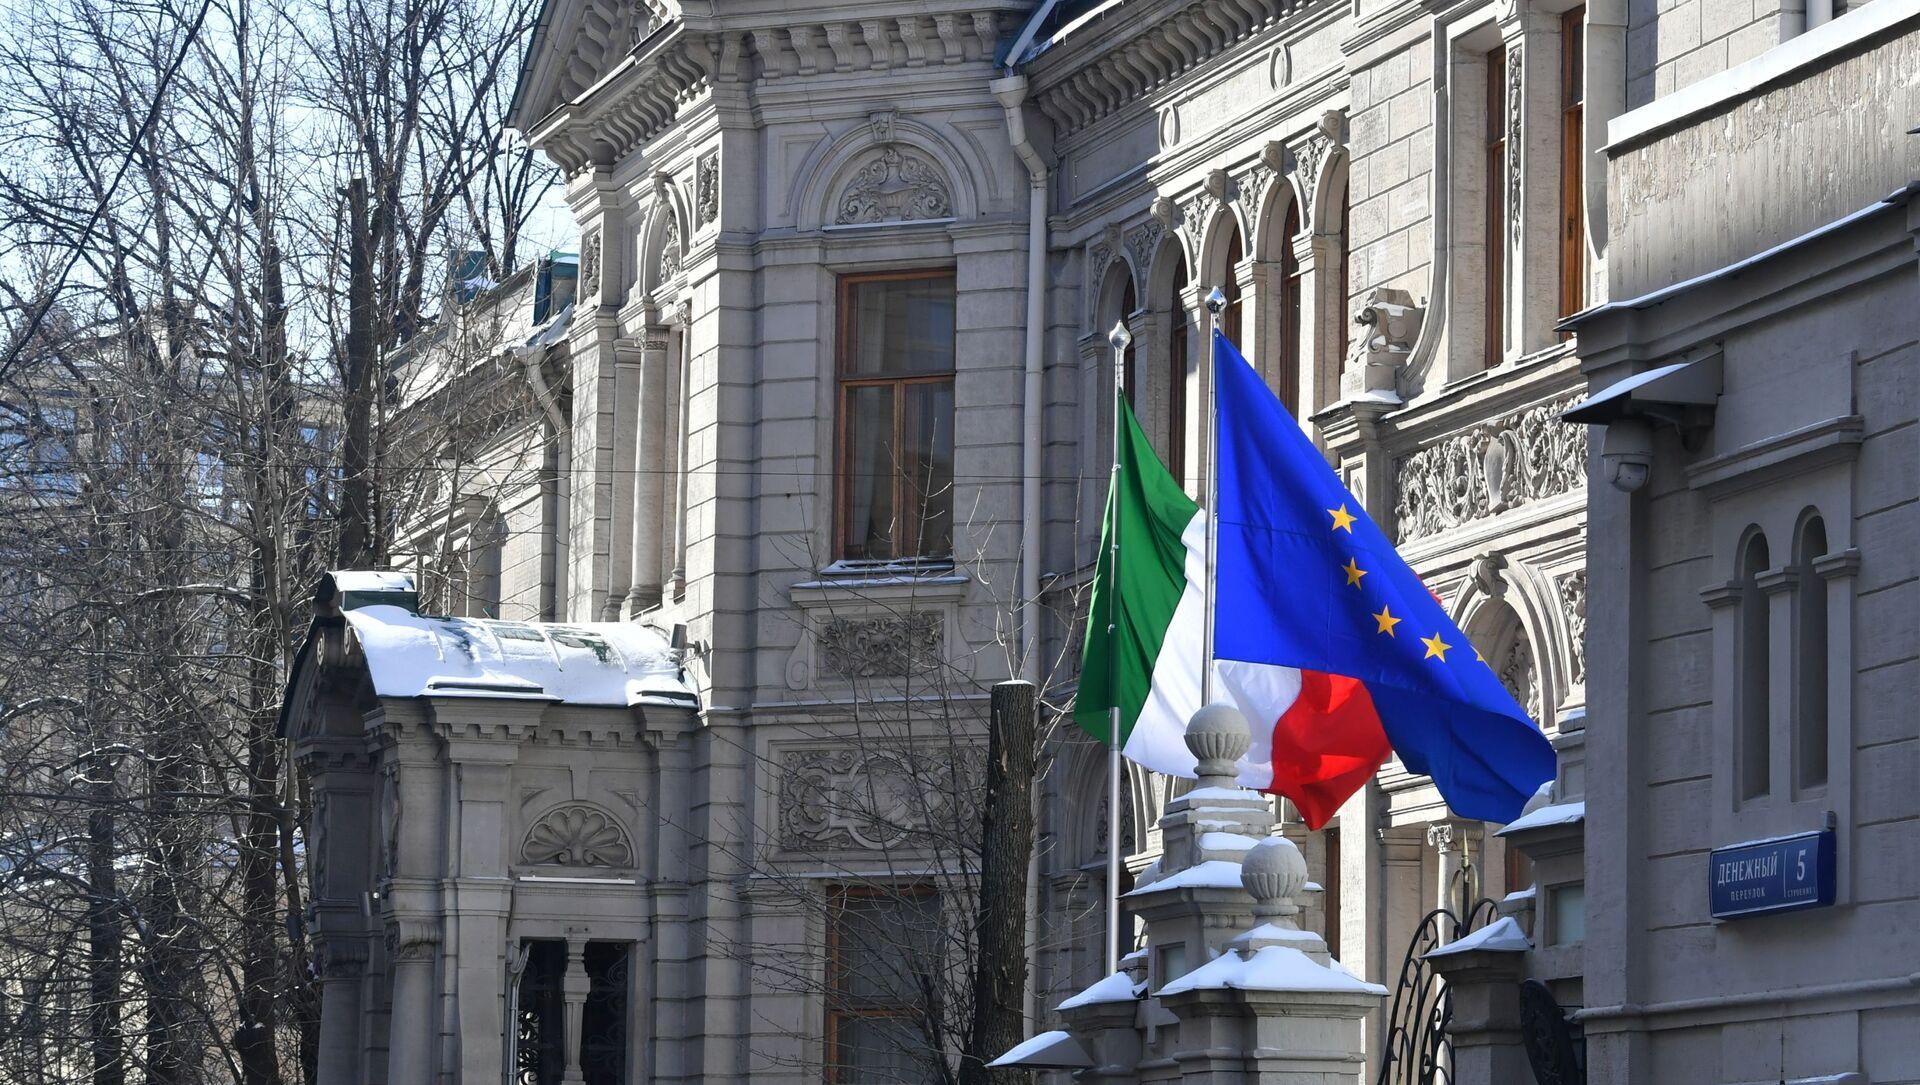 Ambasciata italiana a Mosca - Sputnik Italia, 1920, 26.04.2021